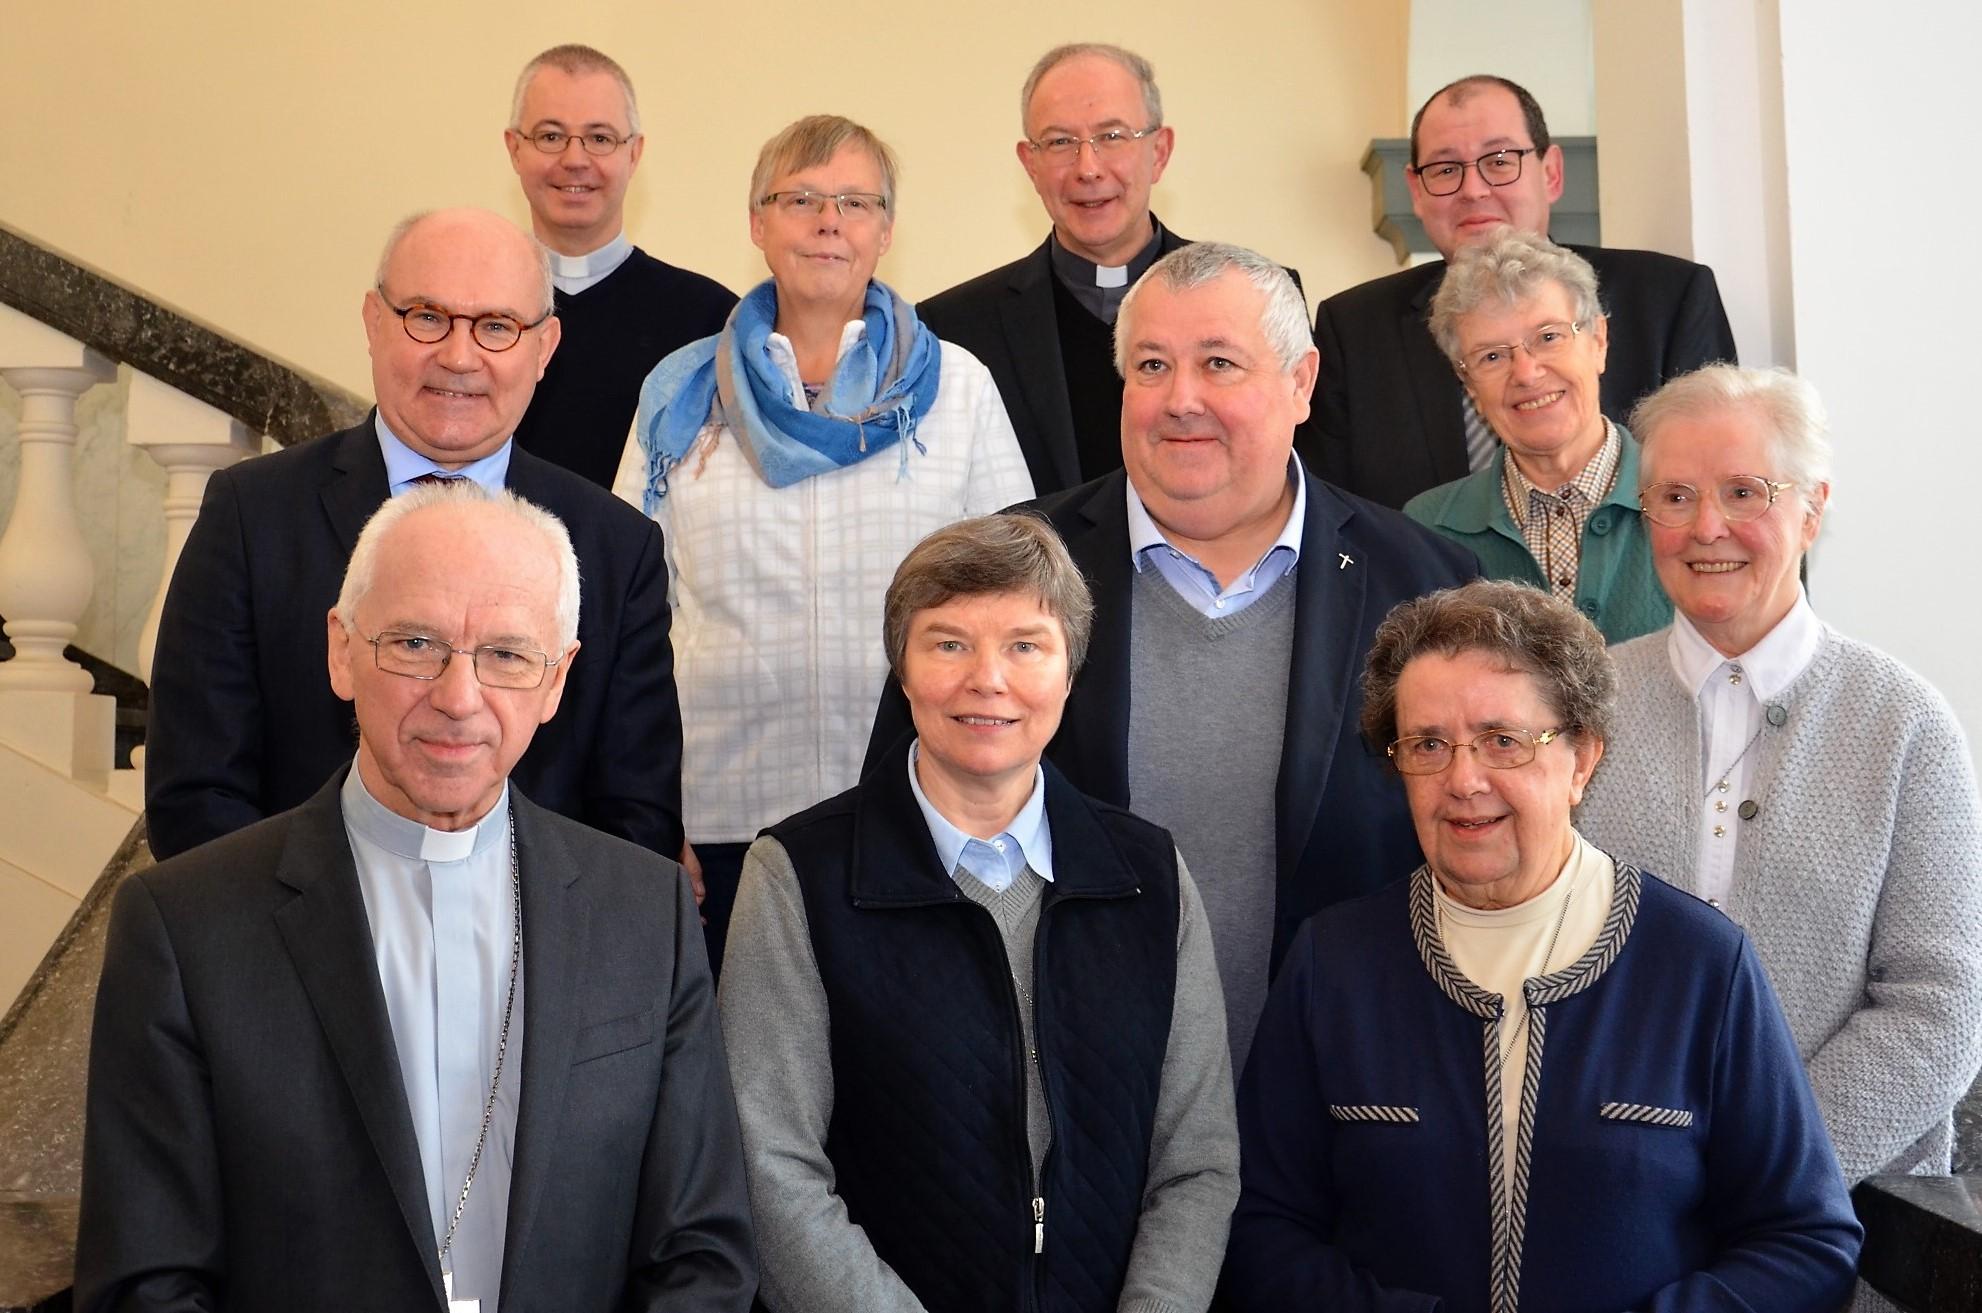 De nieuwe leden van de raad  © (c) Hellen Mardaga